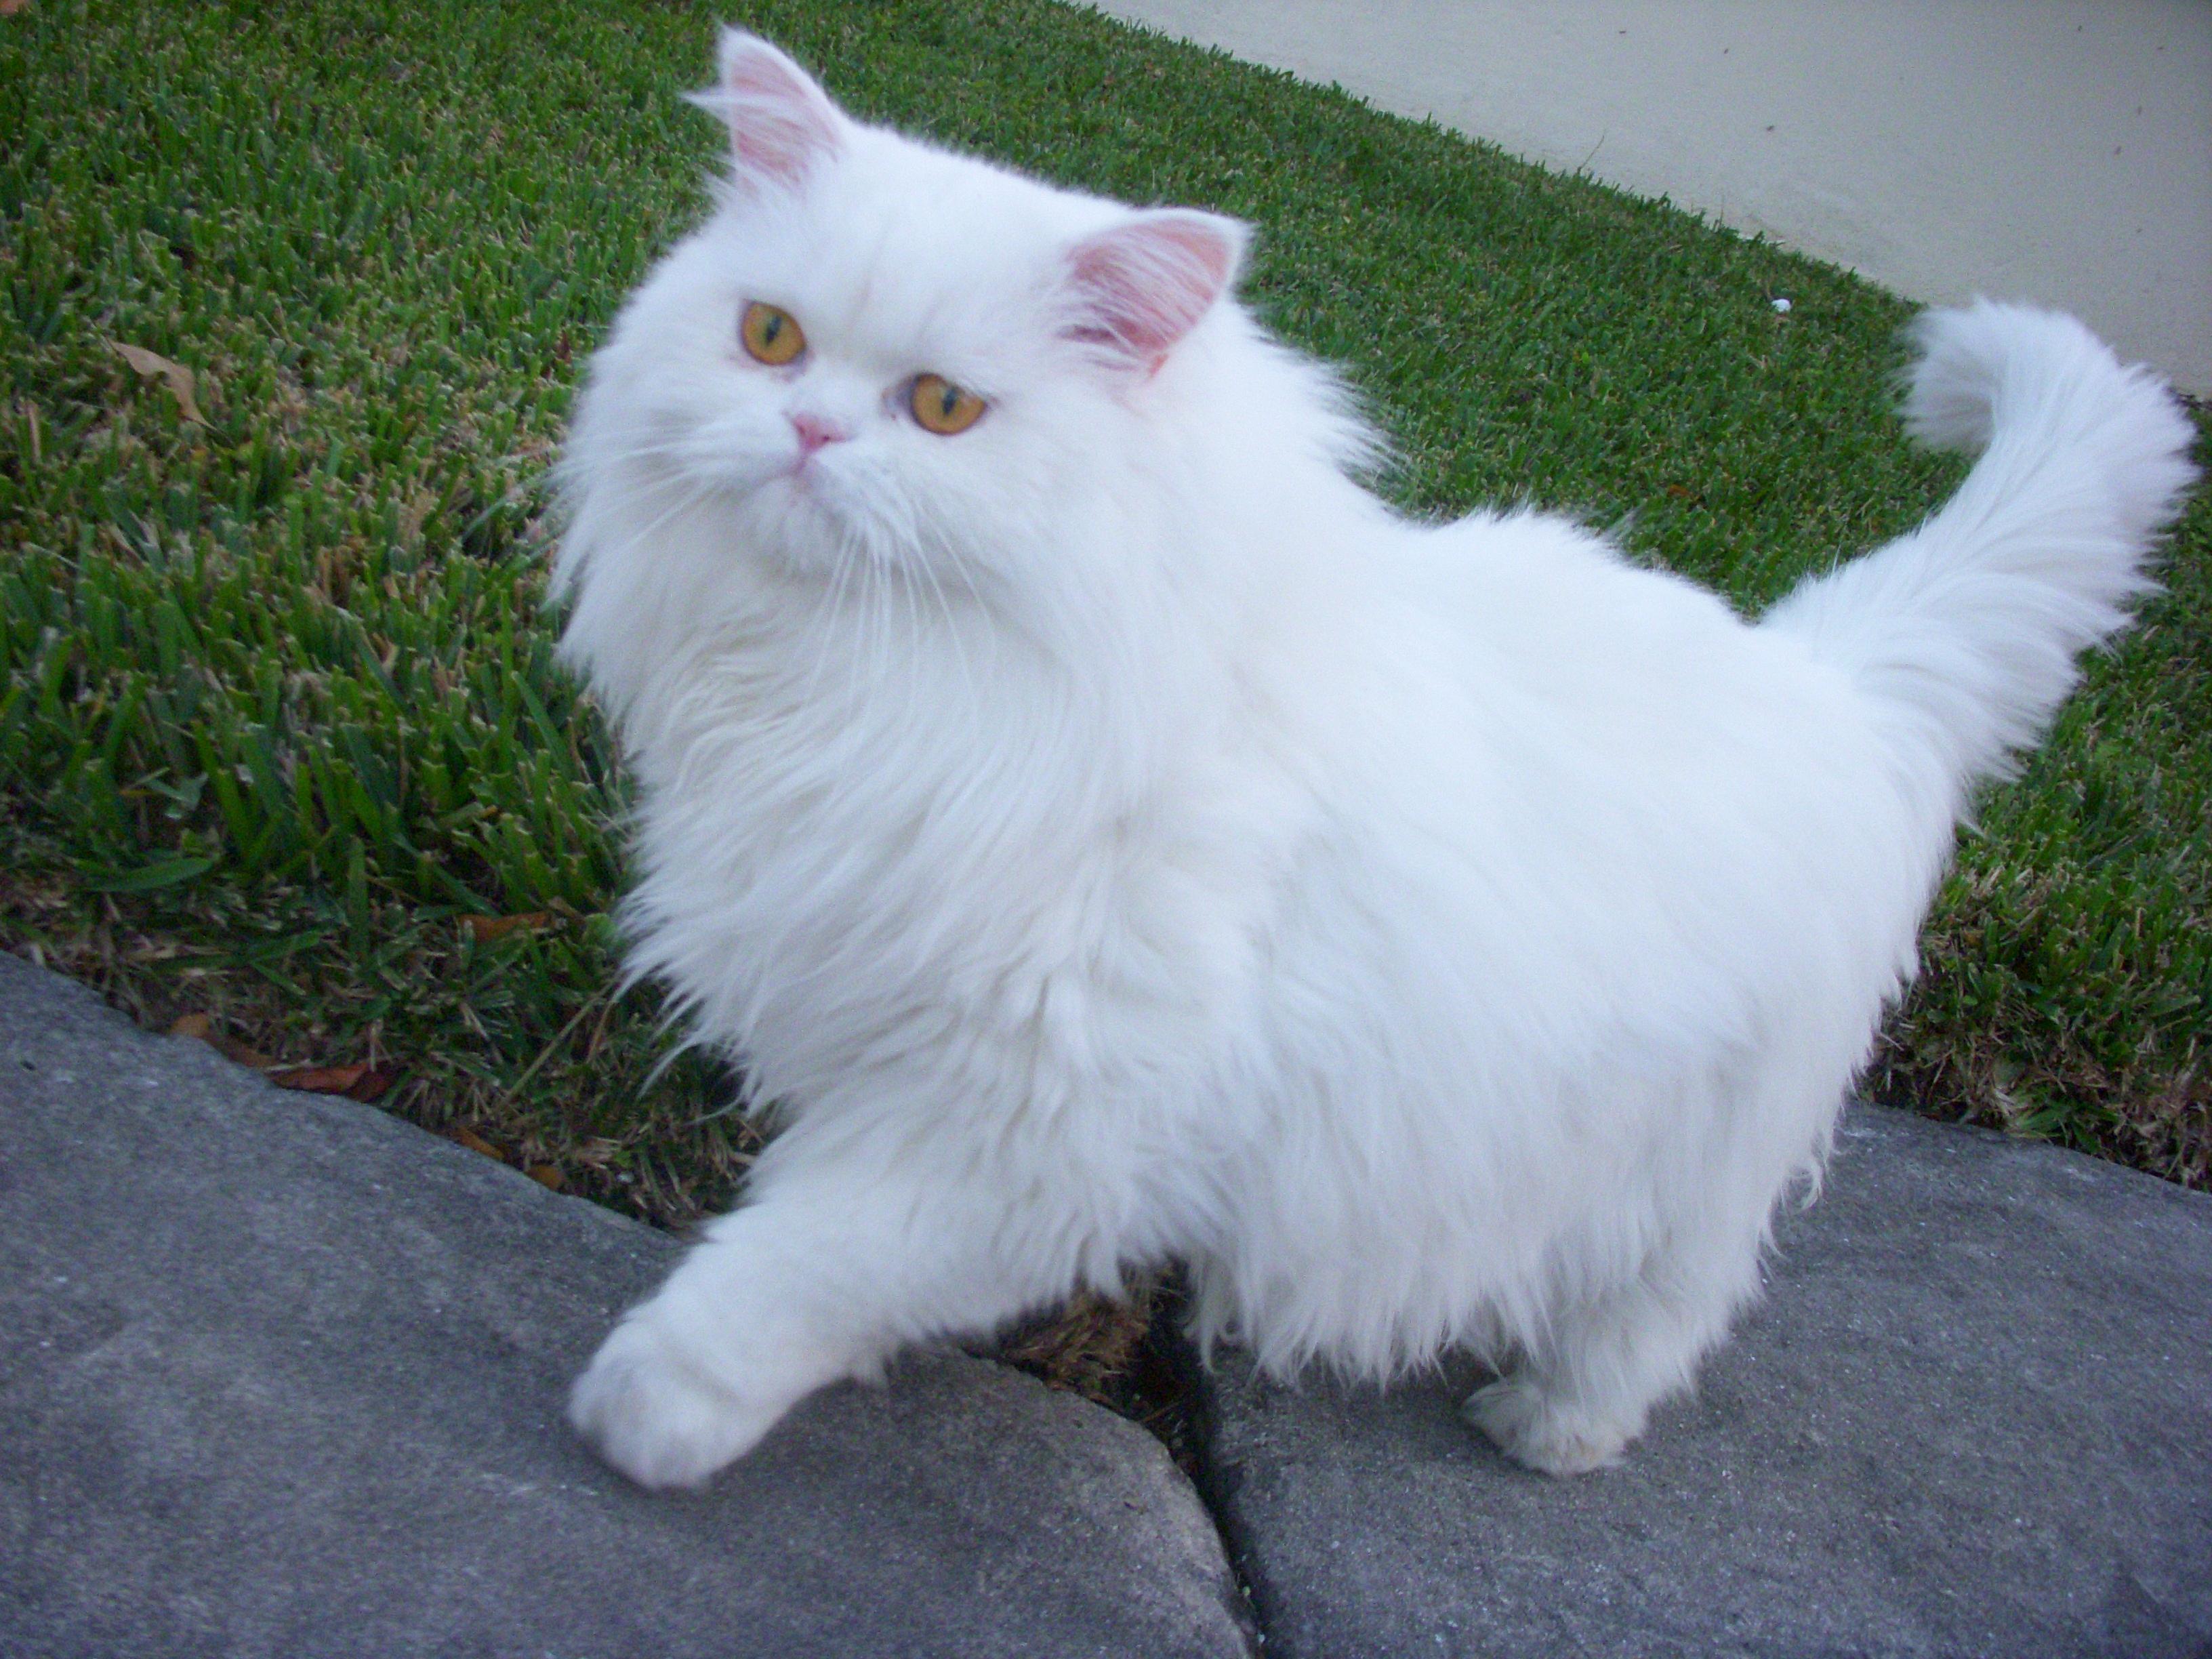 صورة قطط شيرازى , جمال القطط الشيرازى فى البيت